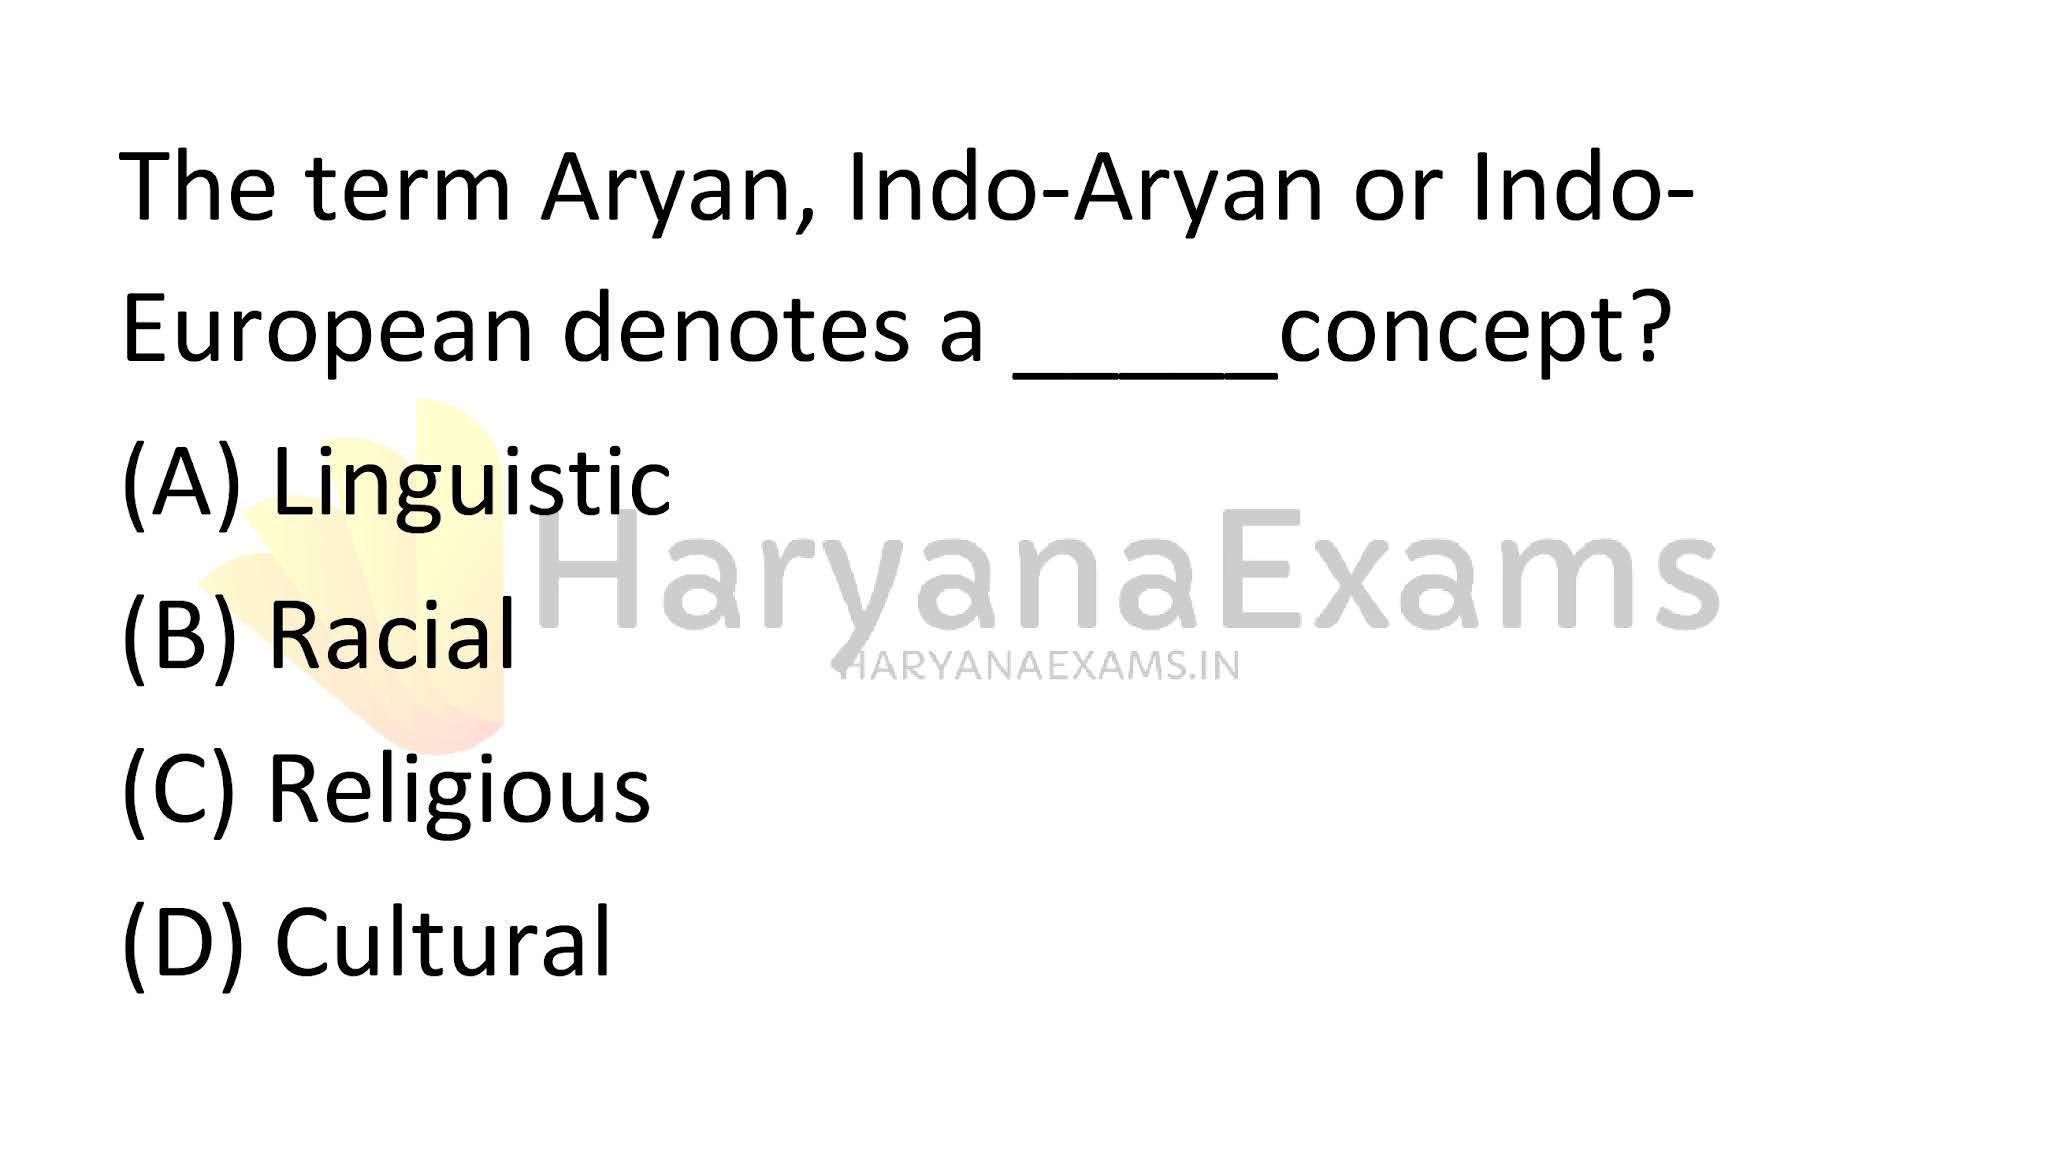 The term Aryan, Indo-Aryan or Indo-European denotes a _____concept?